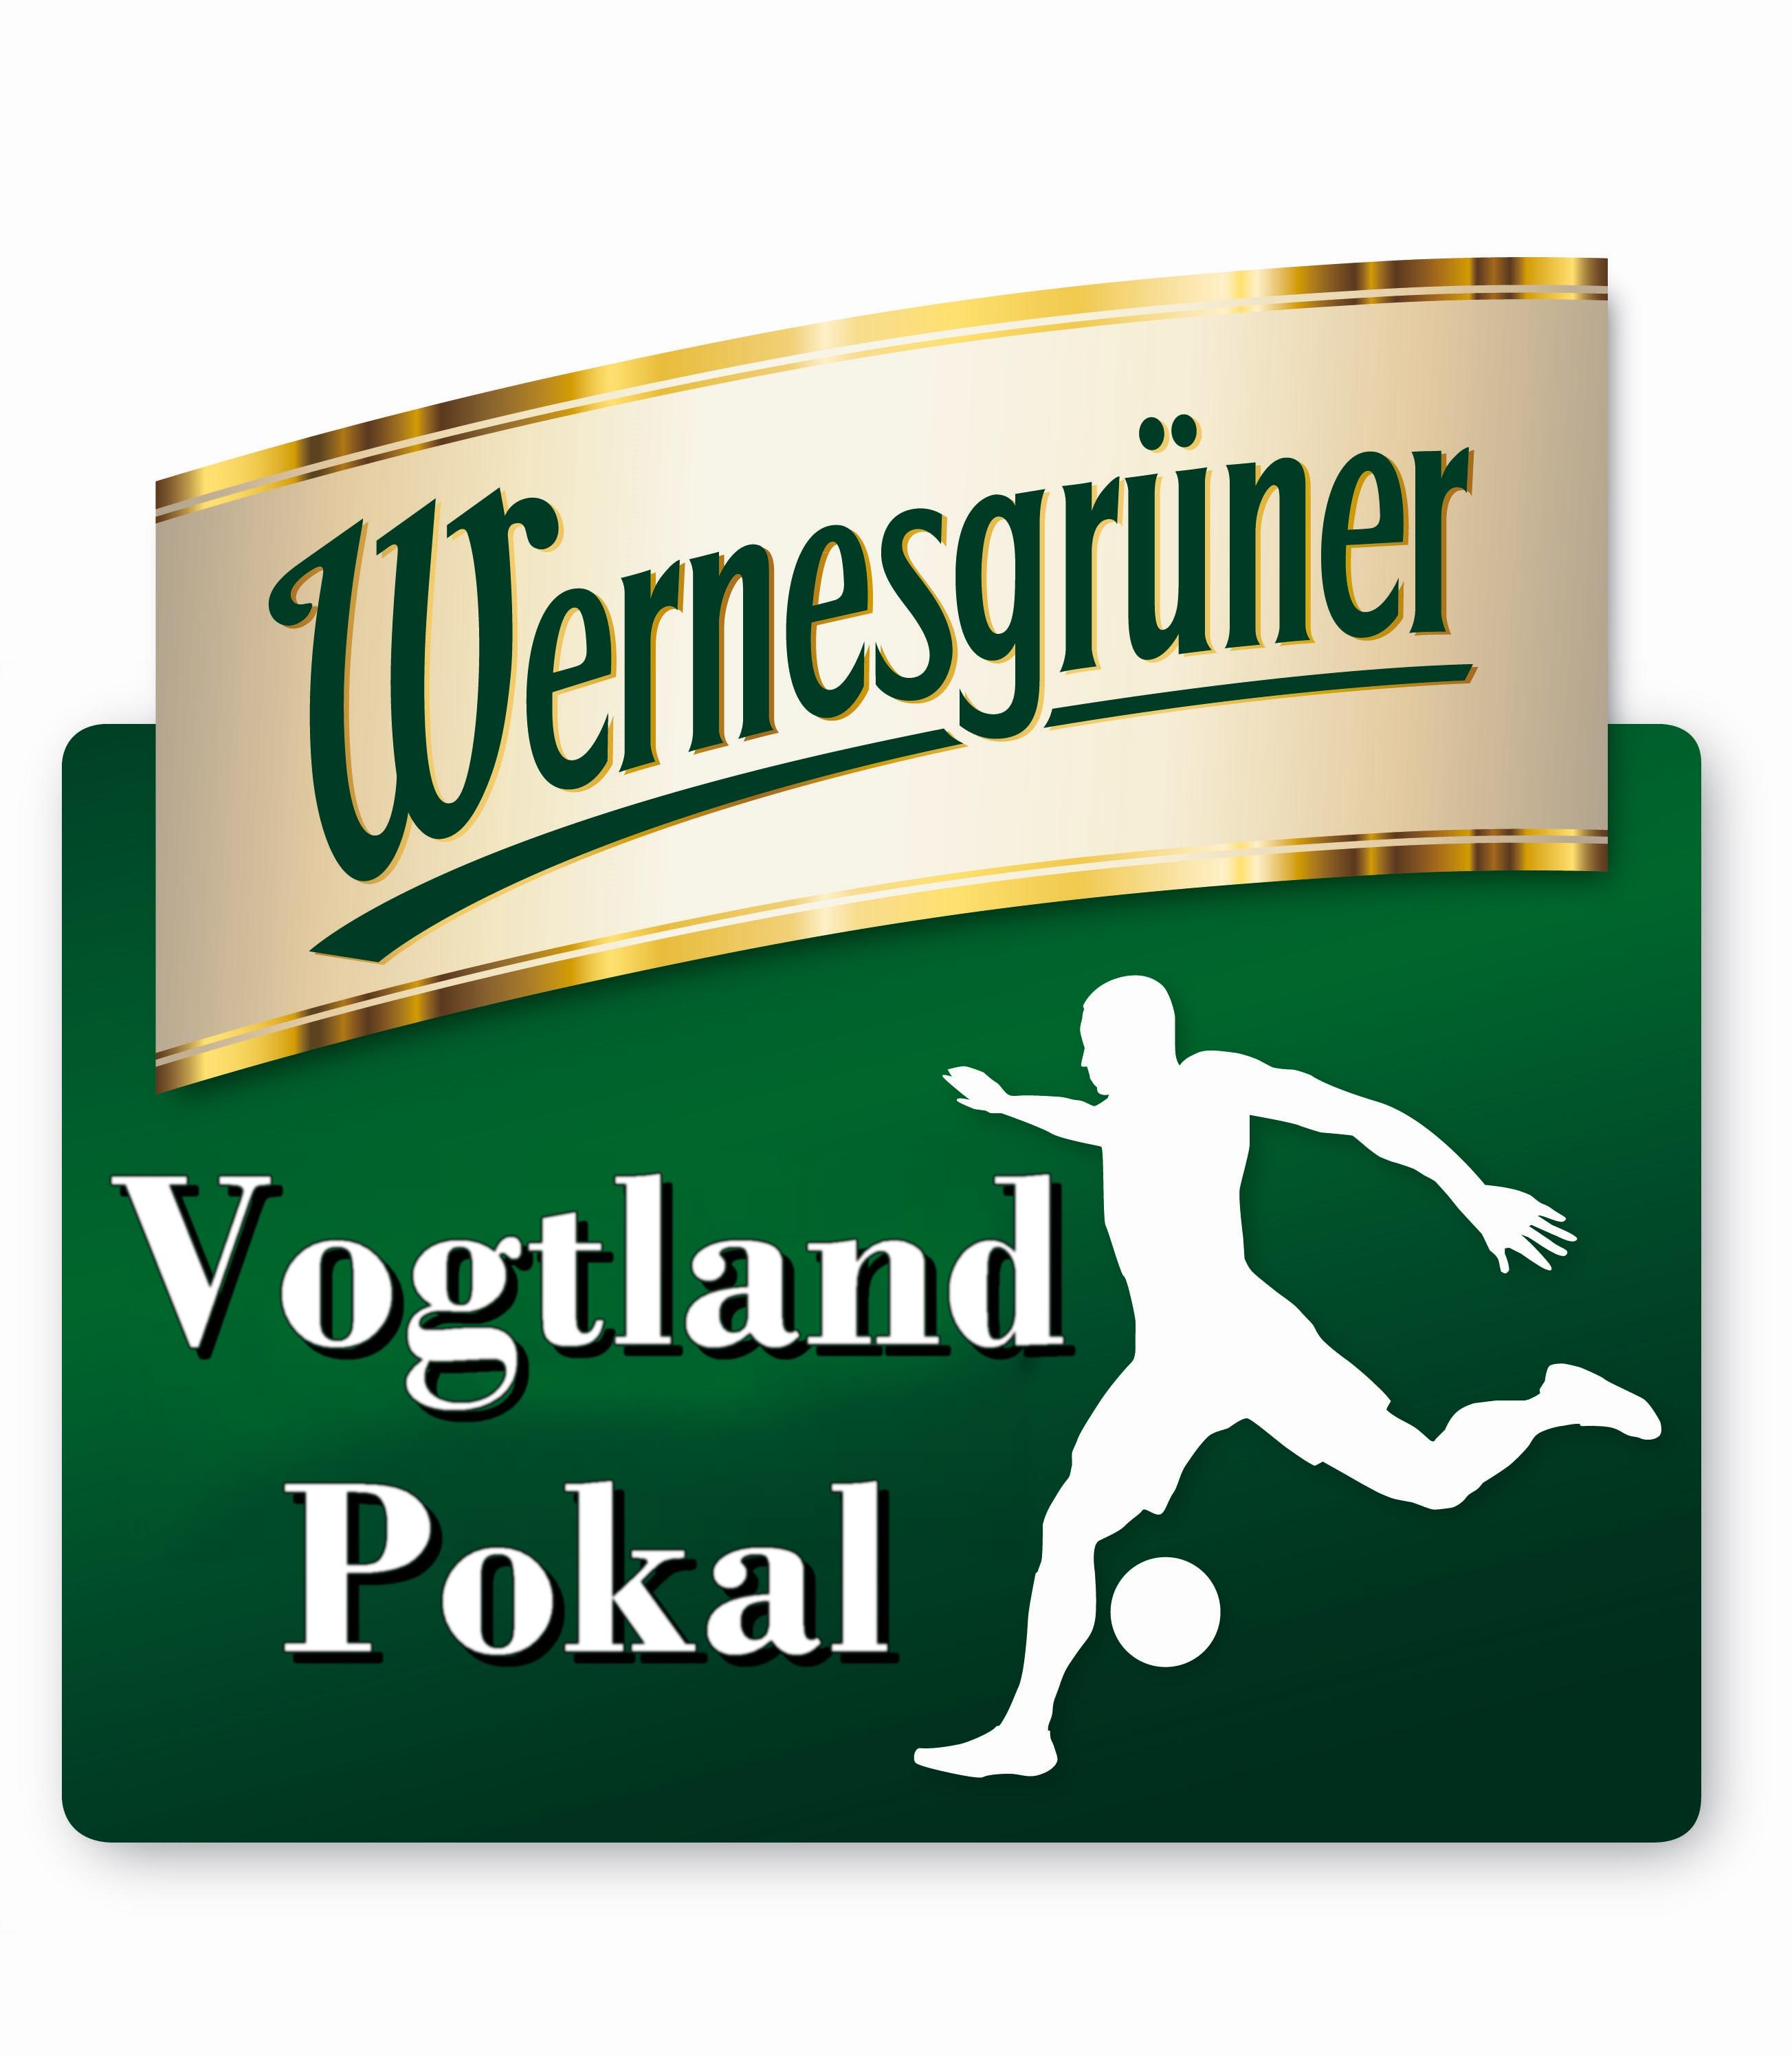 Öffentliche Auslosung im Wernesgrüner Vogtlandpokal am 03.07.2017 in Plauen